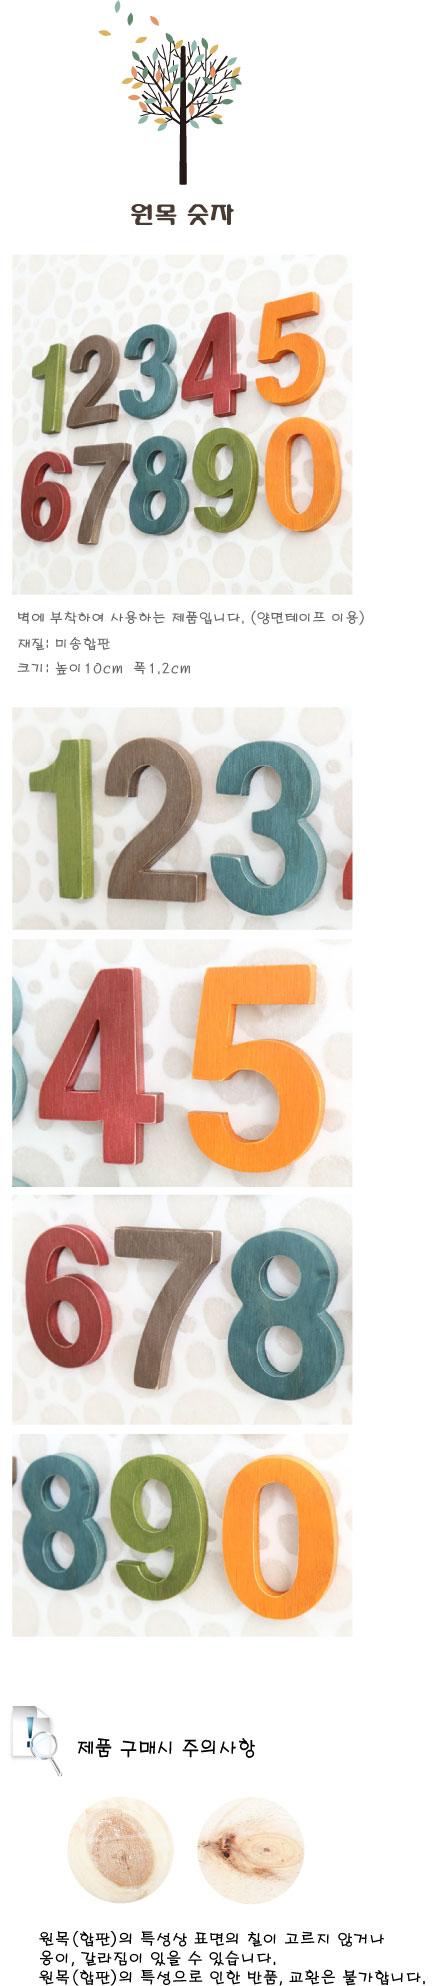 원목 숫자 - 작은 소나무, 3,000원, 장식소품, 이니셜/알파벳모형